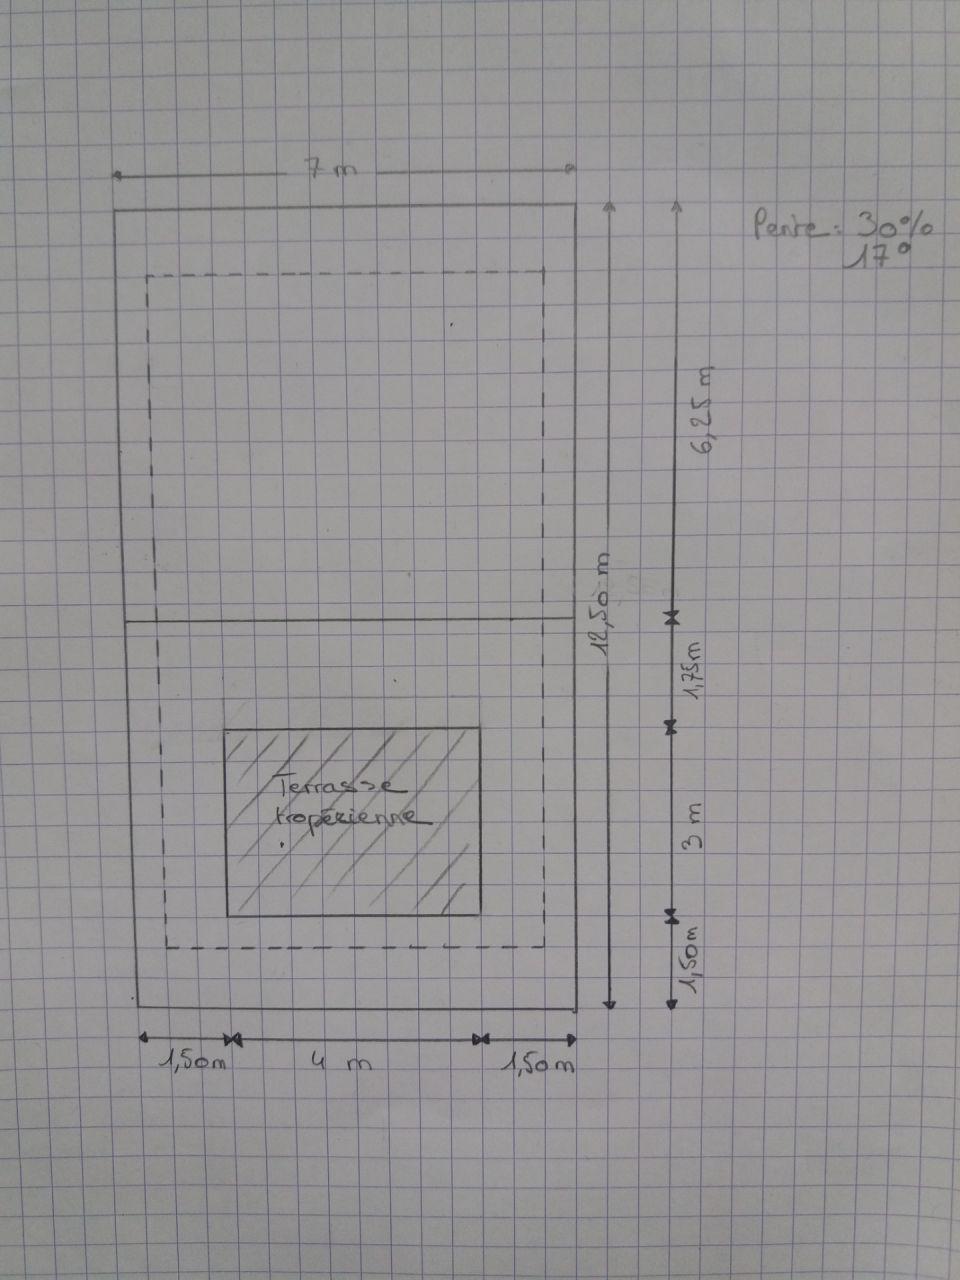 Plan de charpente, portée de 580 cm entre deux appuis maçonnés de 25 cm.